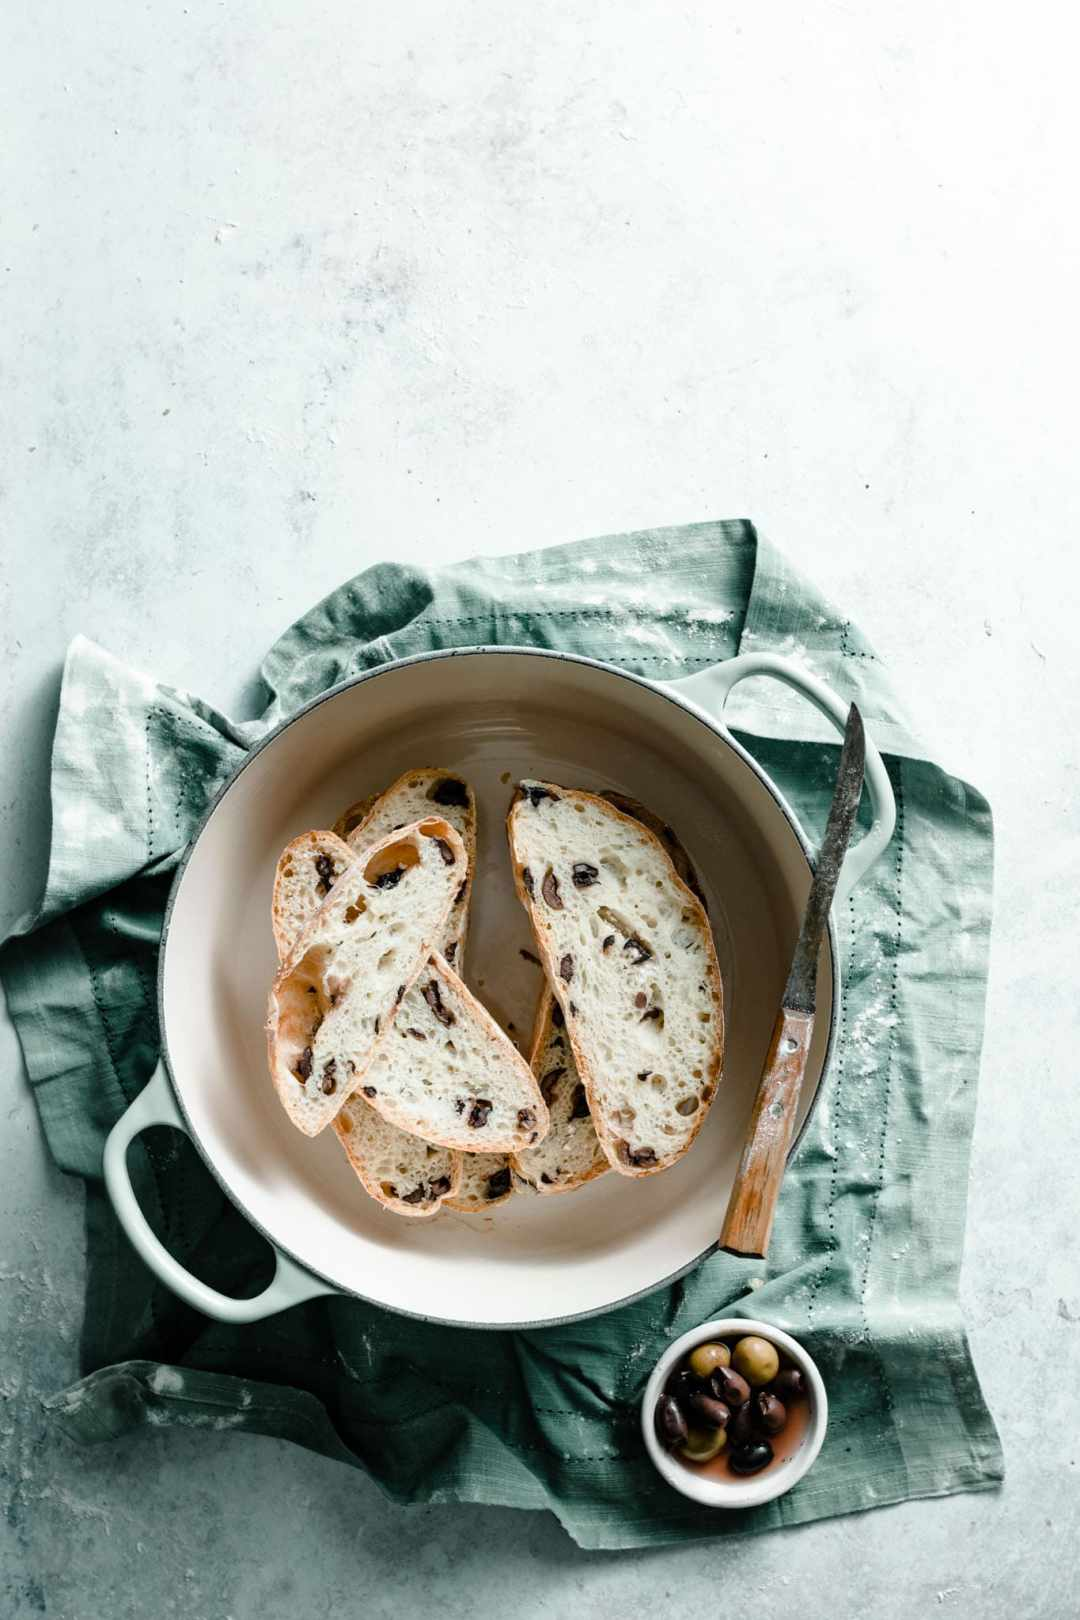 Dutch Oven olive bread recipe.